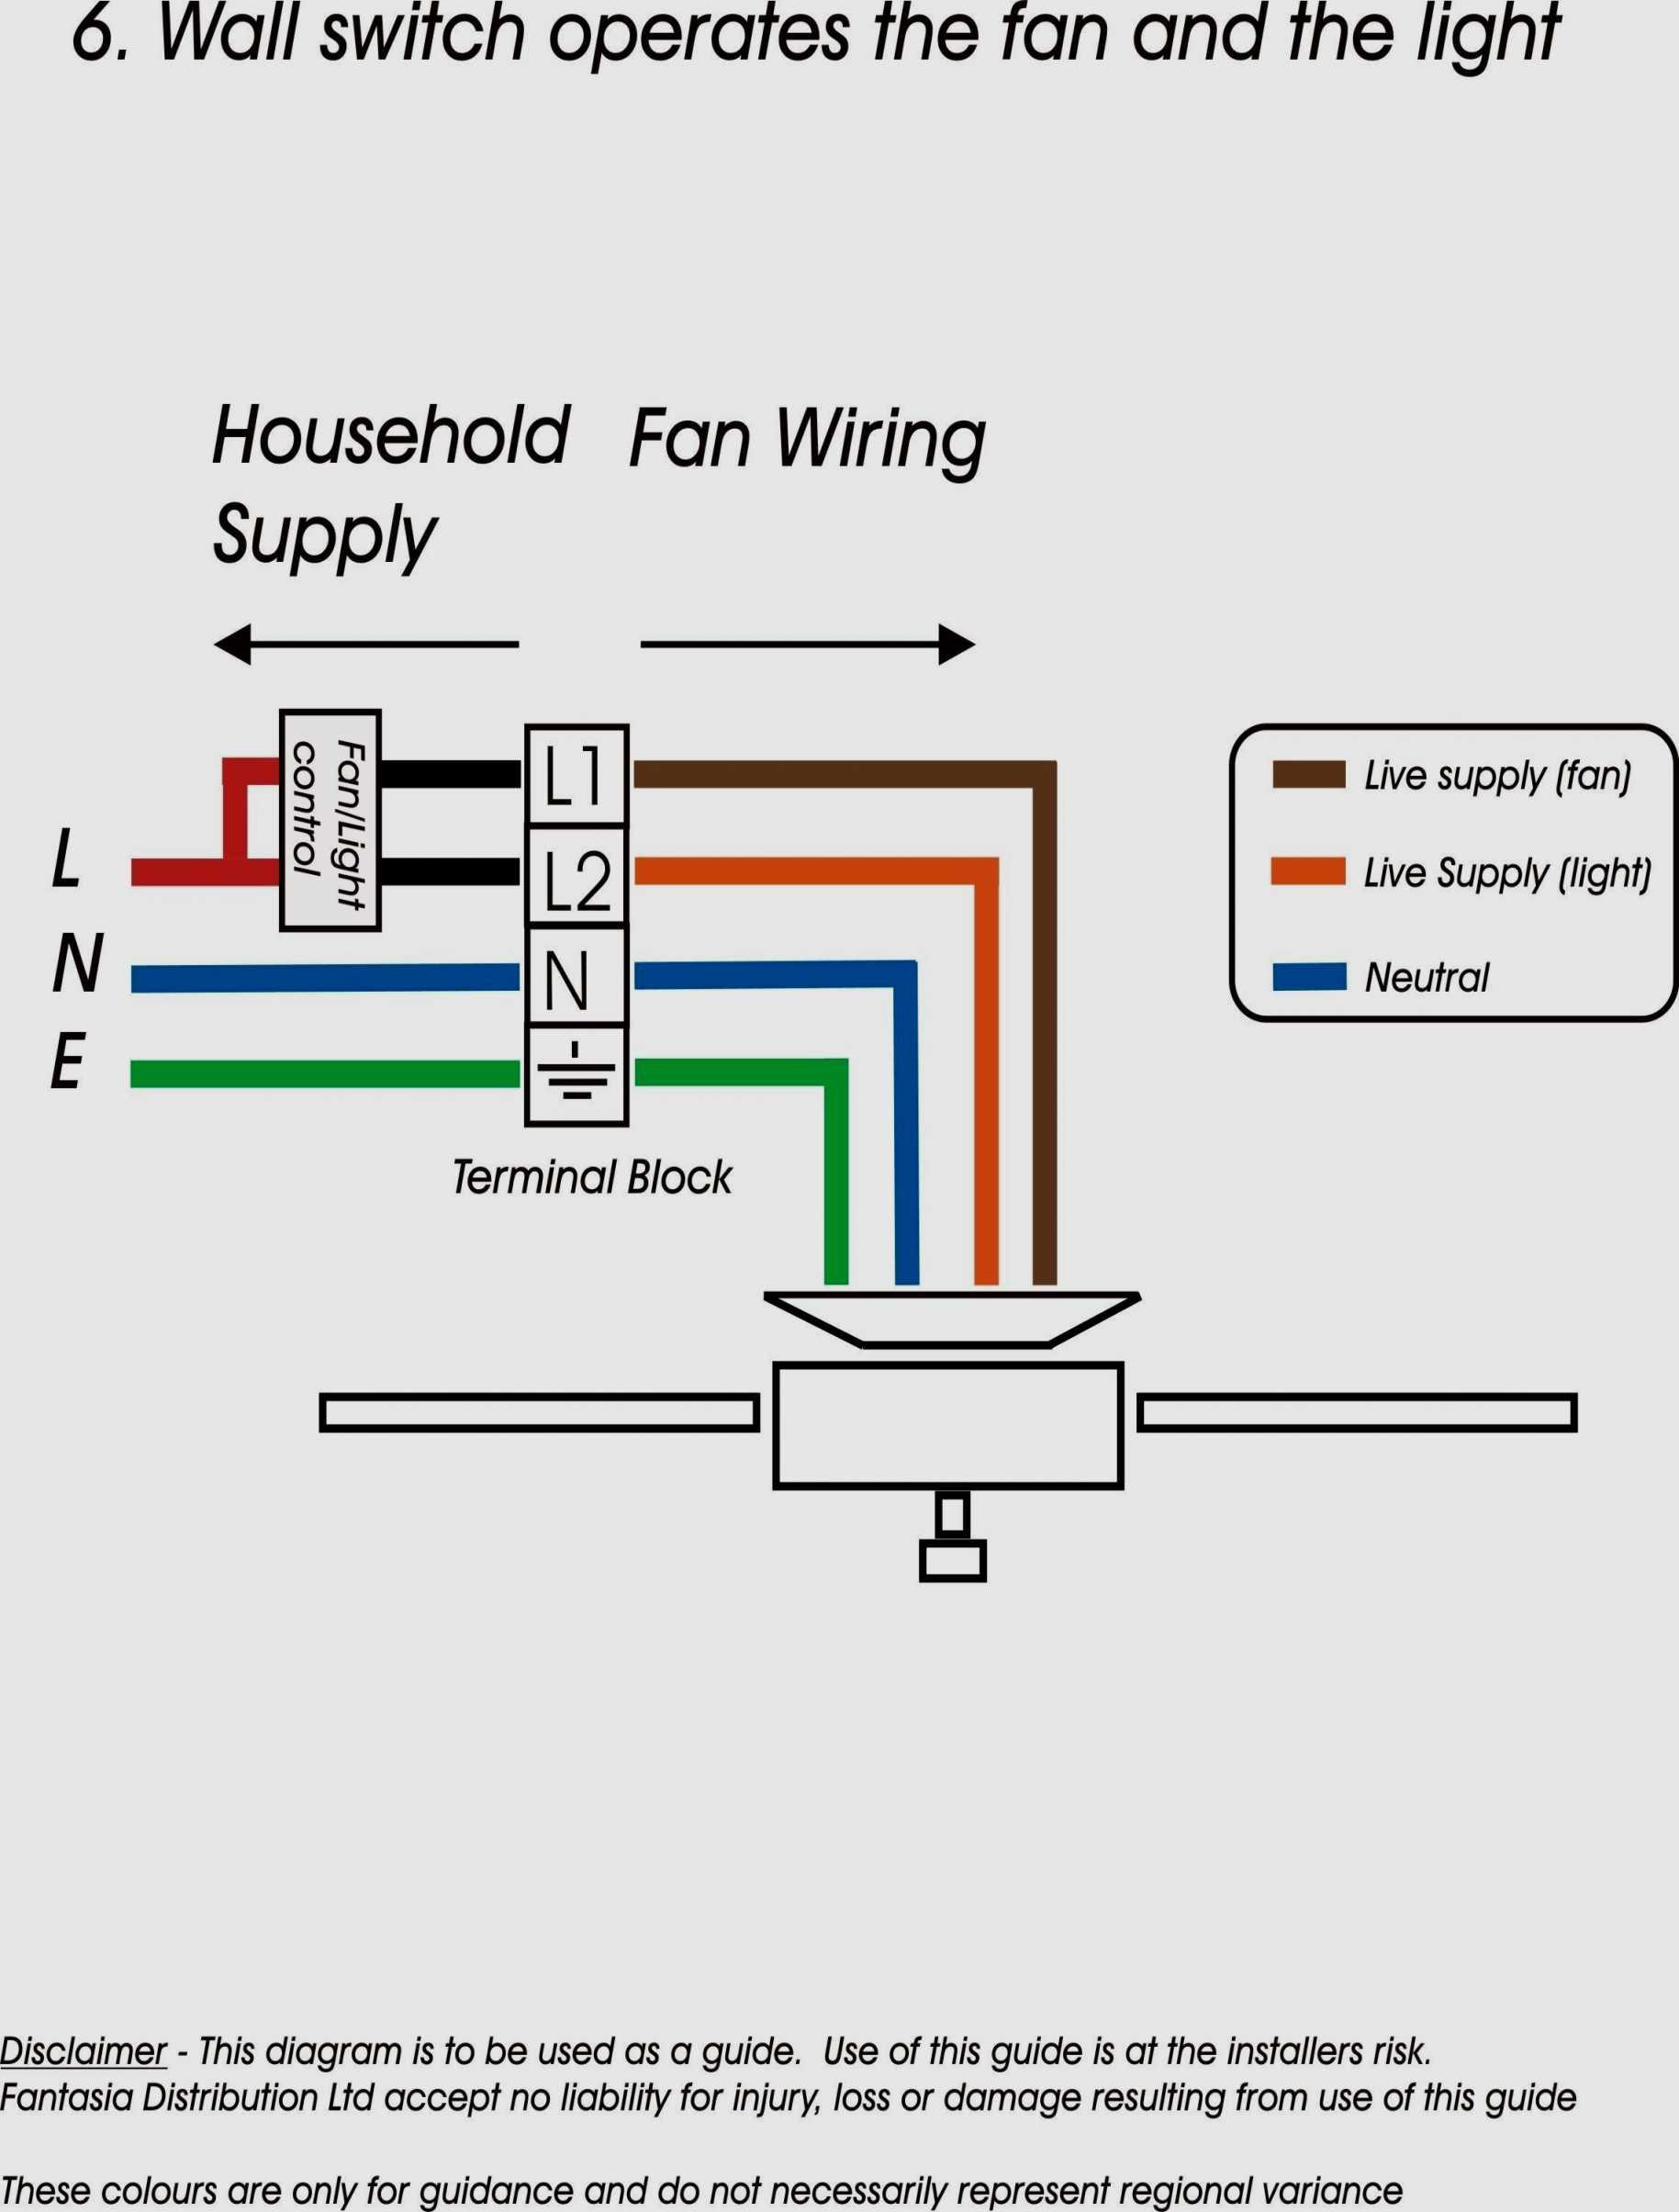 Home Fan Wiring Diagram | Best Wiring Library - Ceiling Fan Internal Wiring Diagram